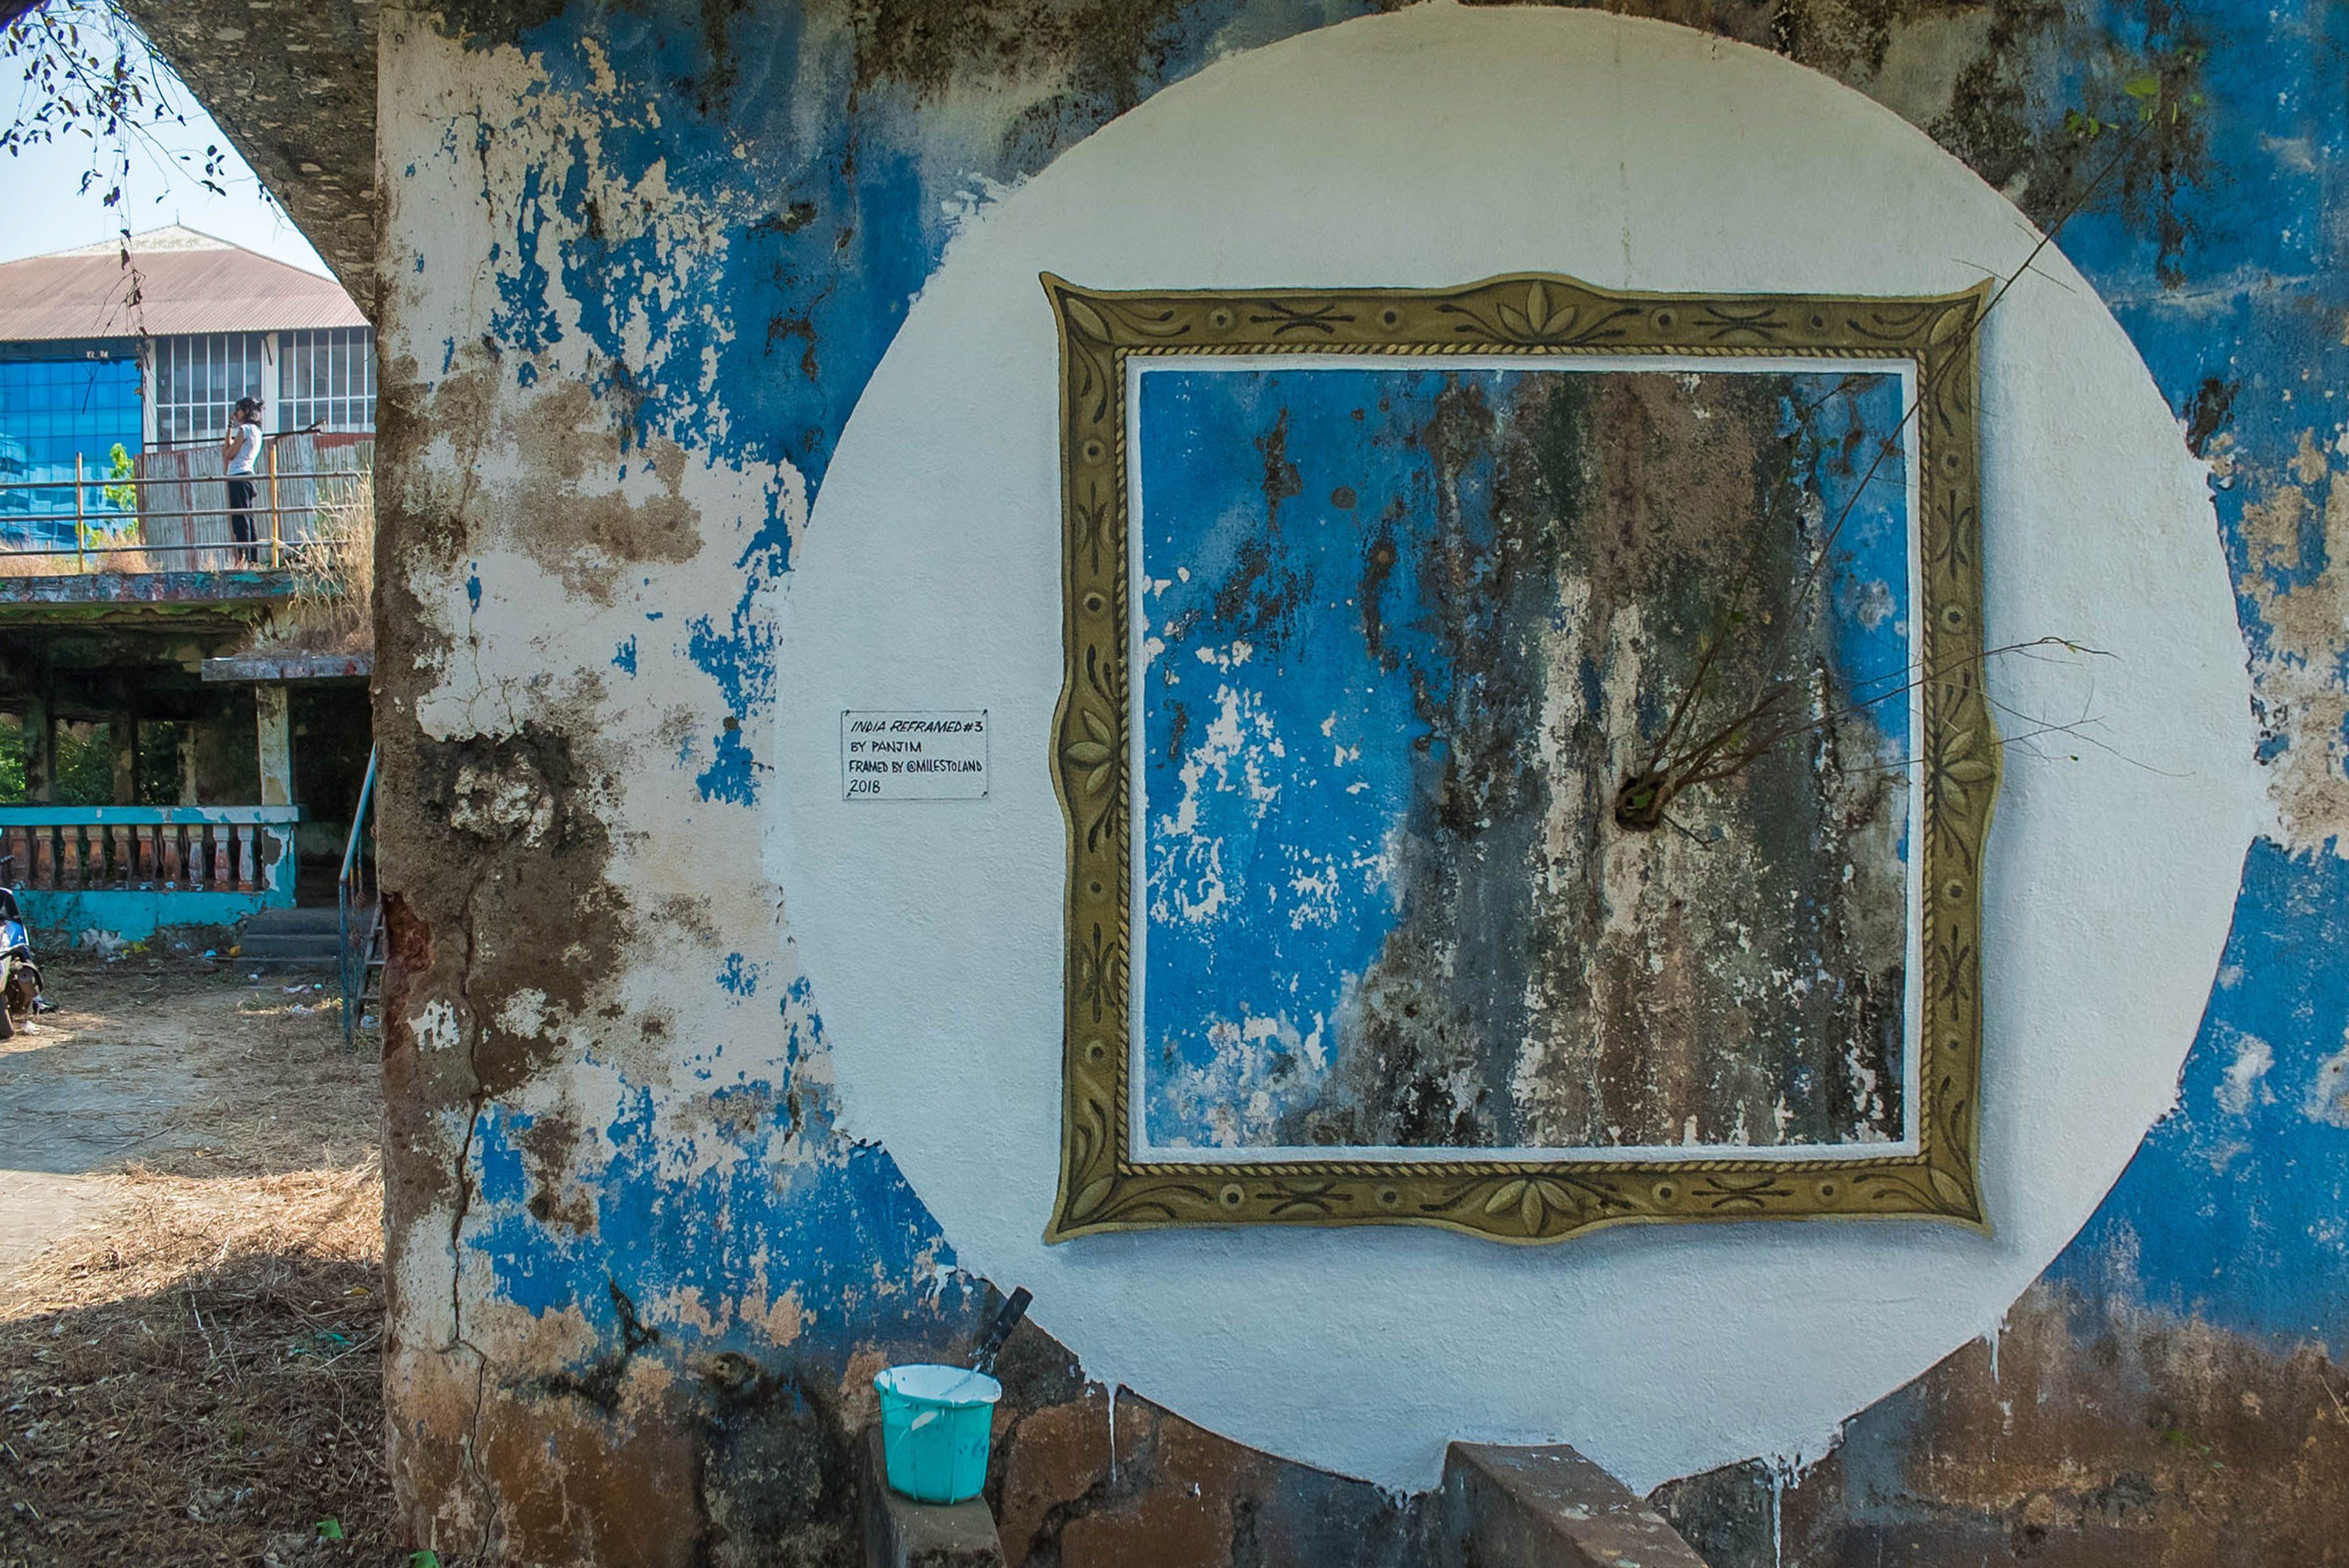 Milestoland Reveals St Art Goa 2018 Pranav Gohil 2